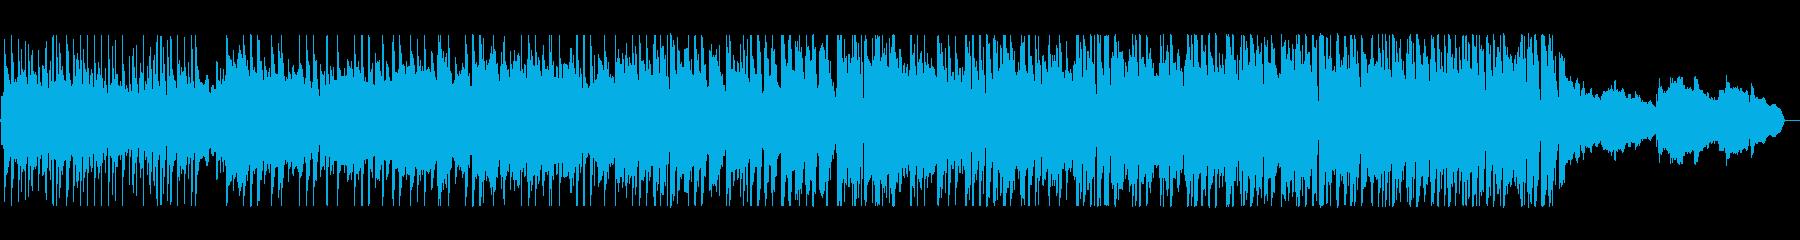 軽やかで穏やかなアコギサウンドの再生済みの波形